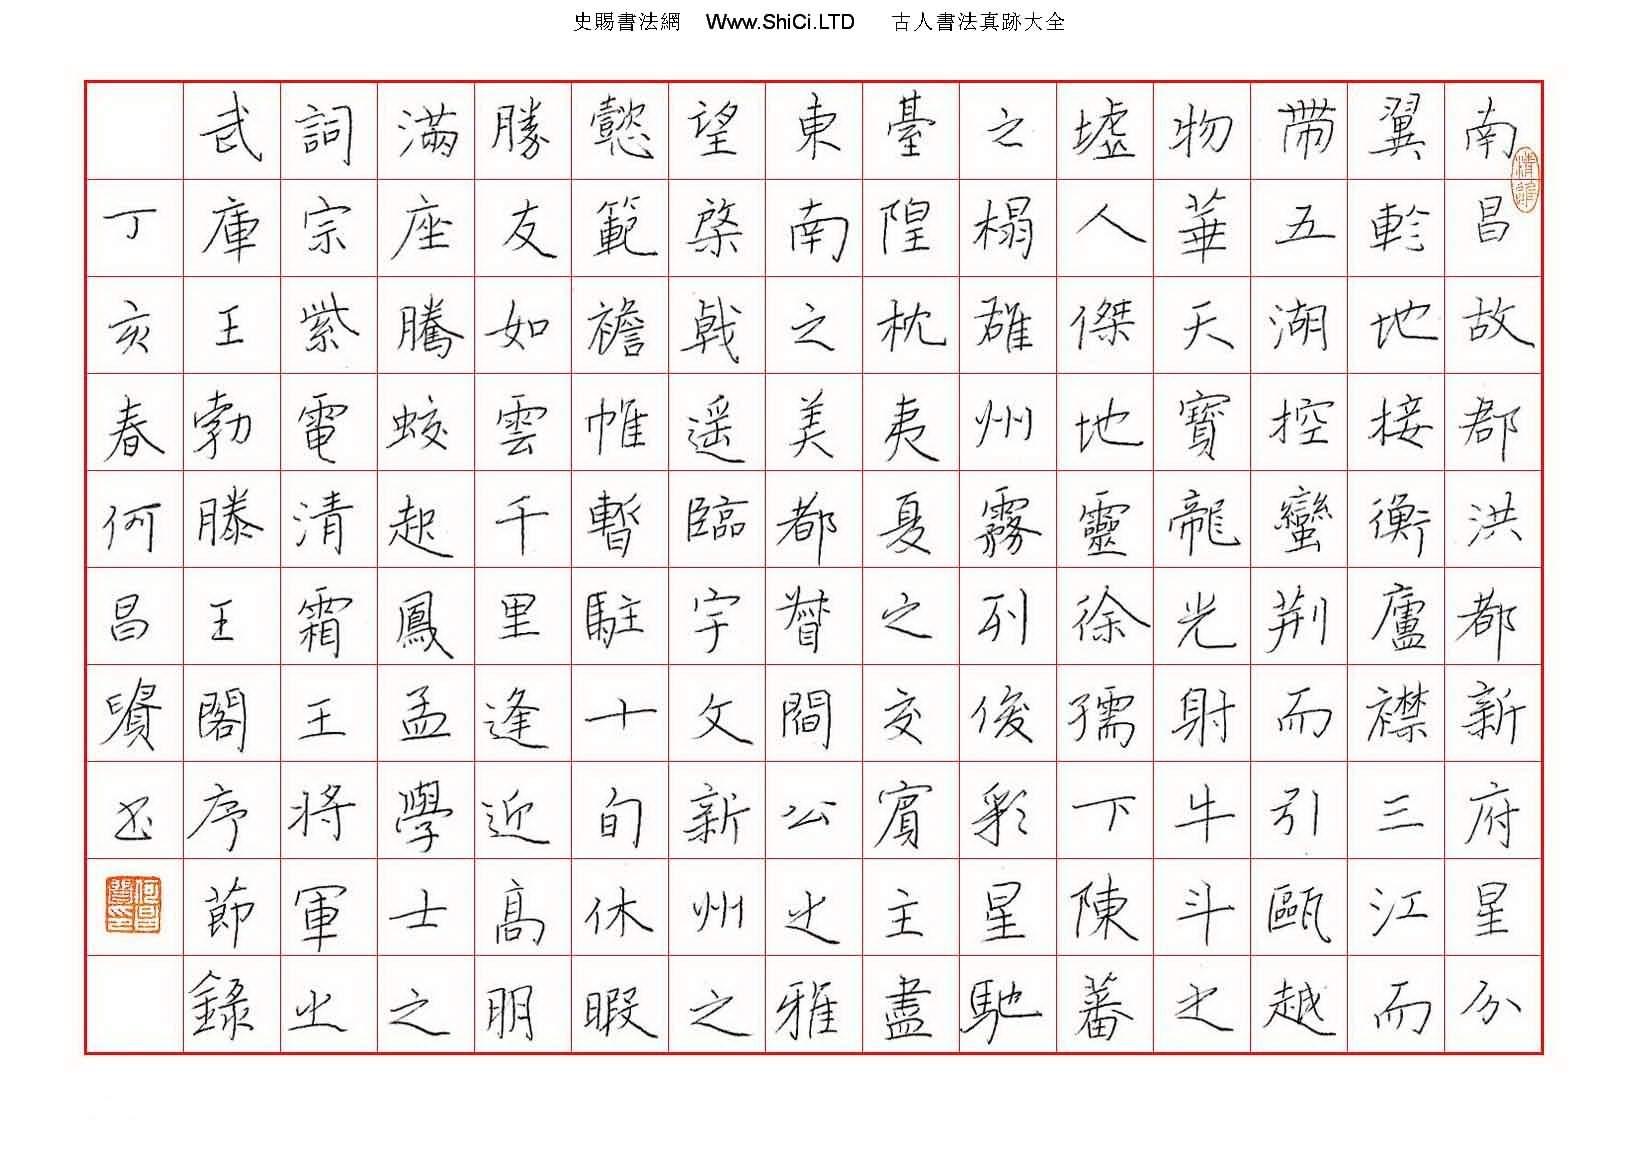 何昌貴硬筆書法作品真跡(共4張圖片)